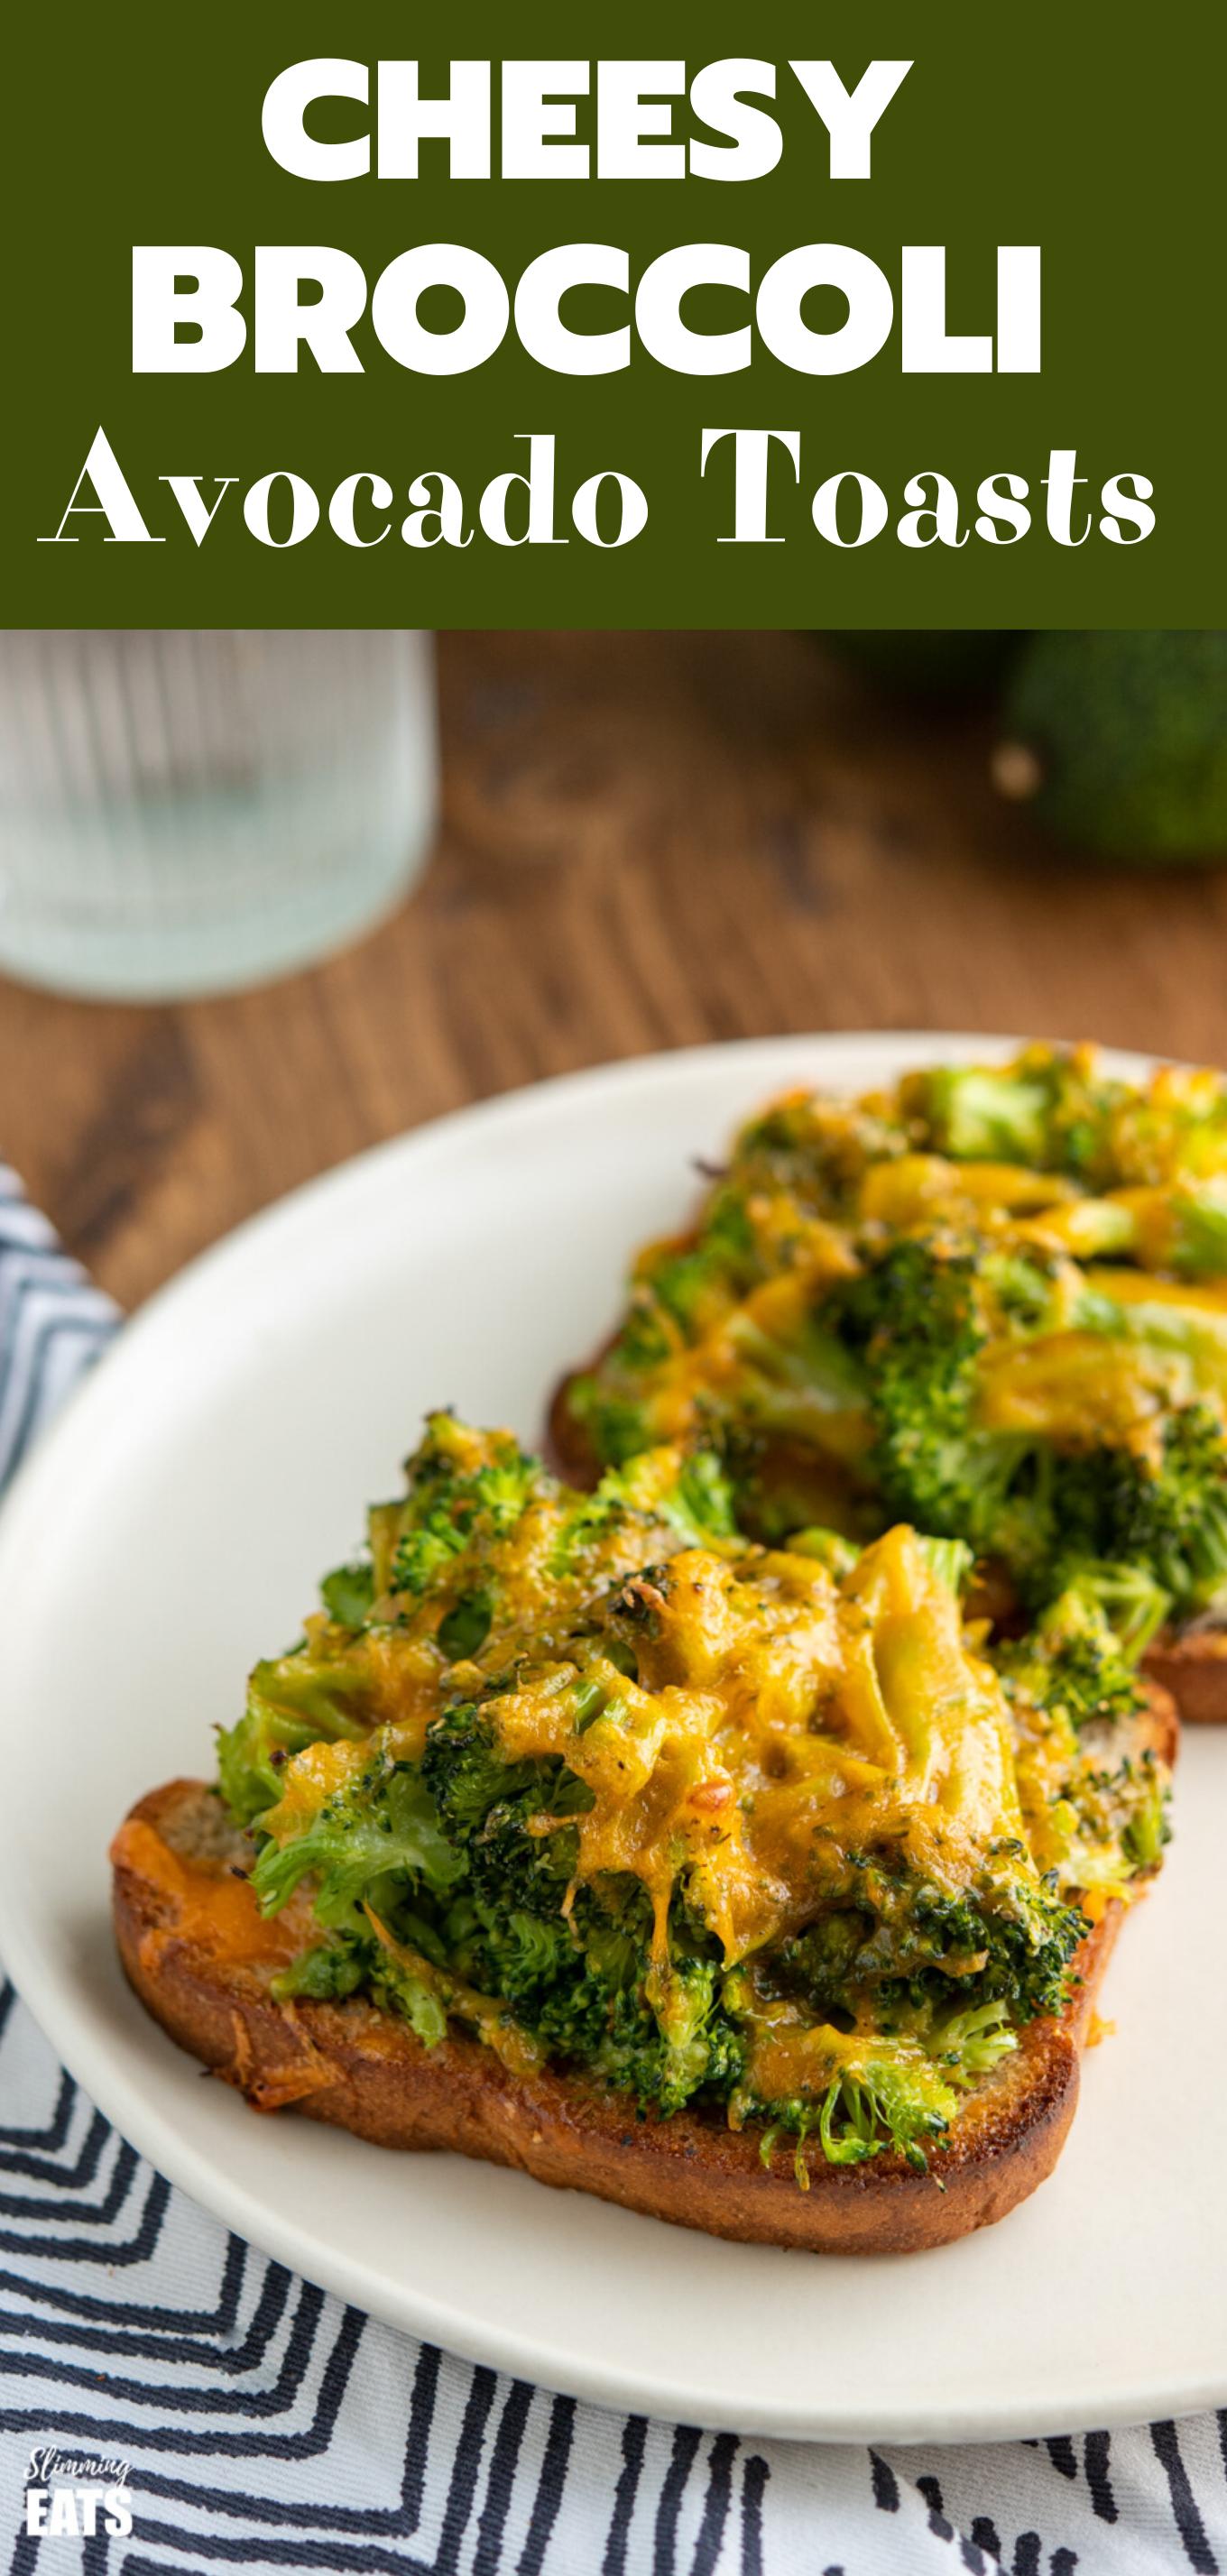 Cheesy broccoli avocado toasts featured pin